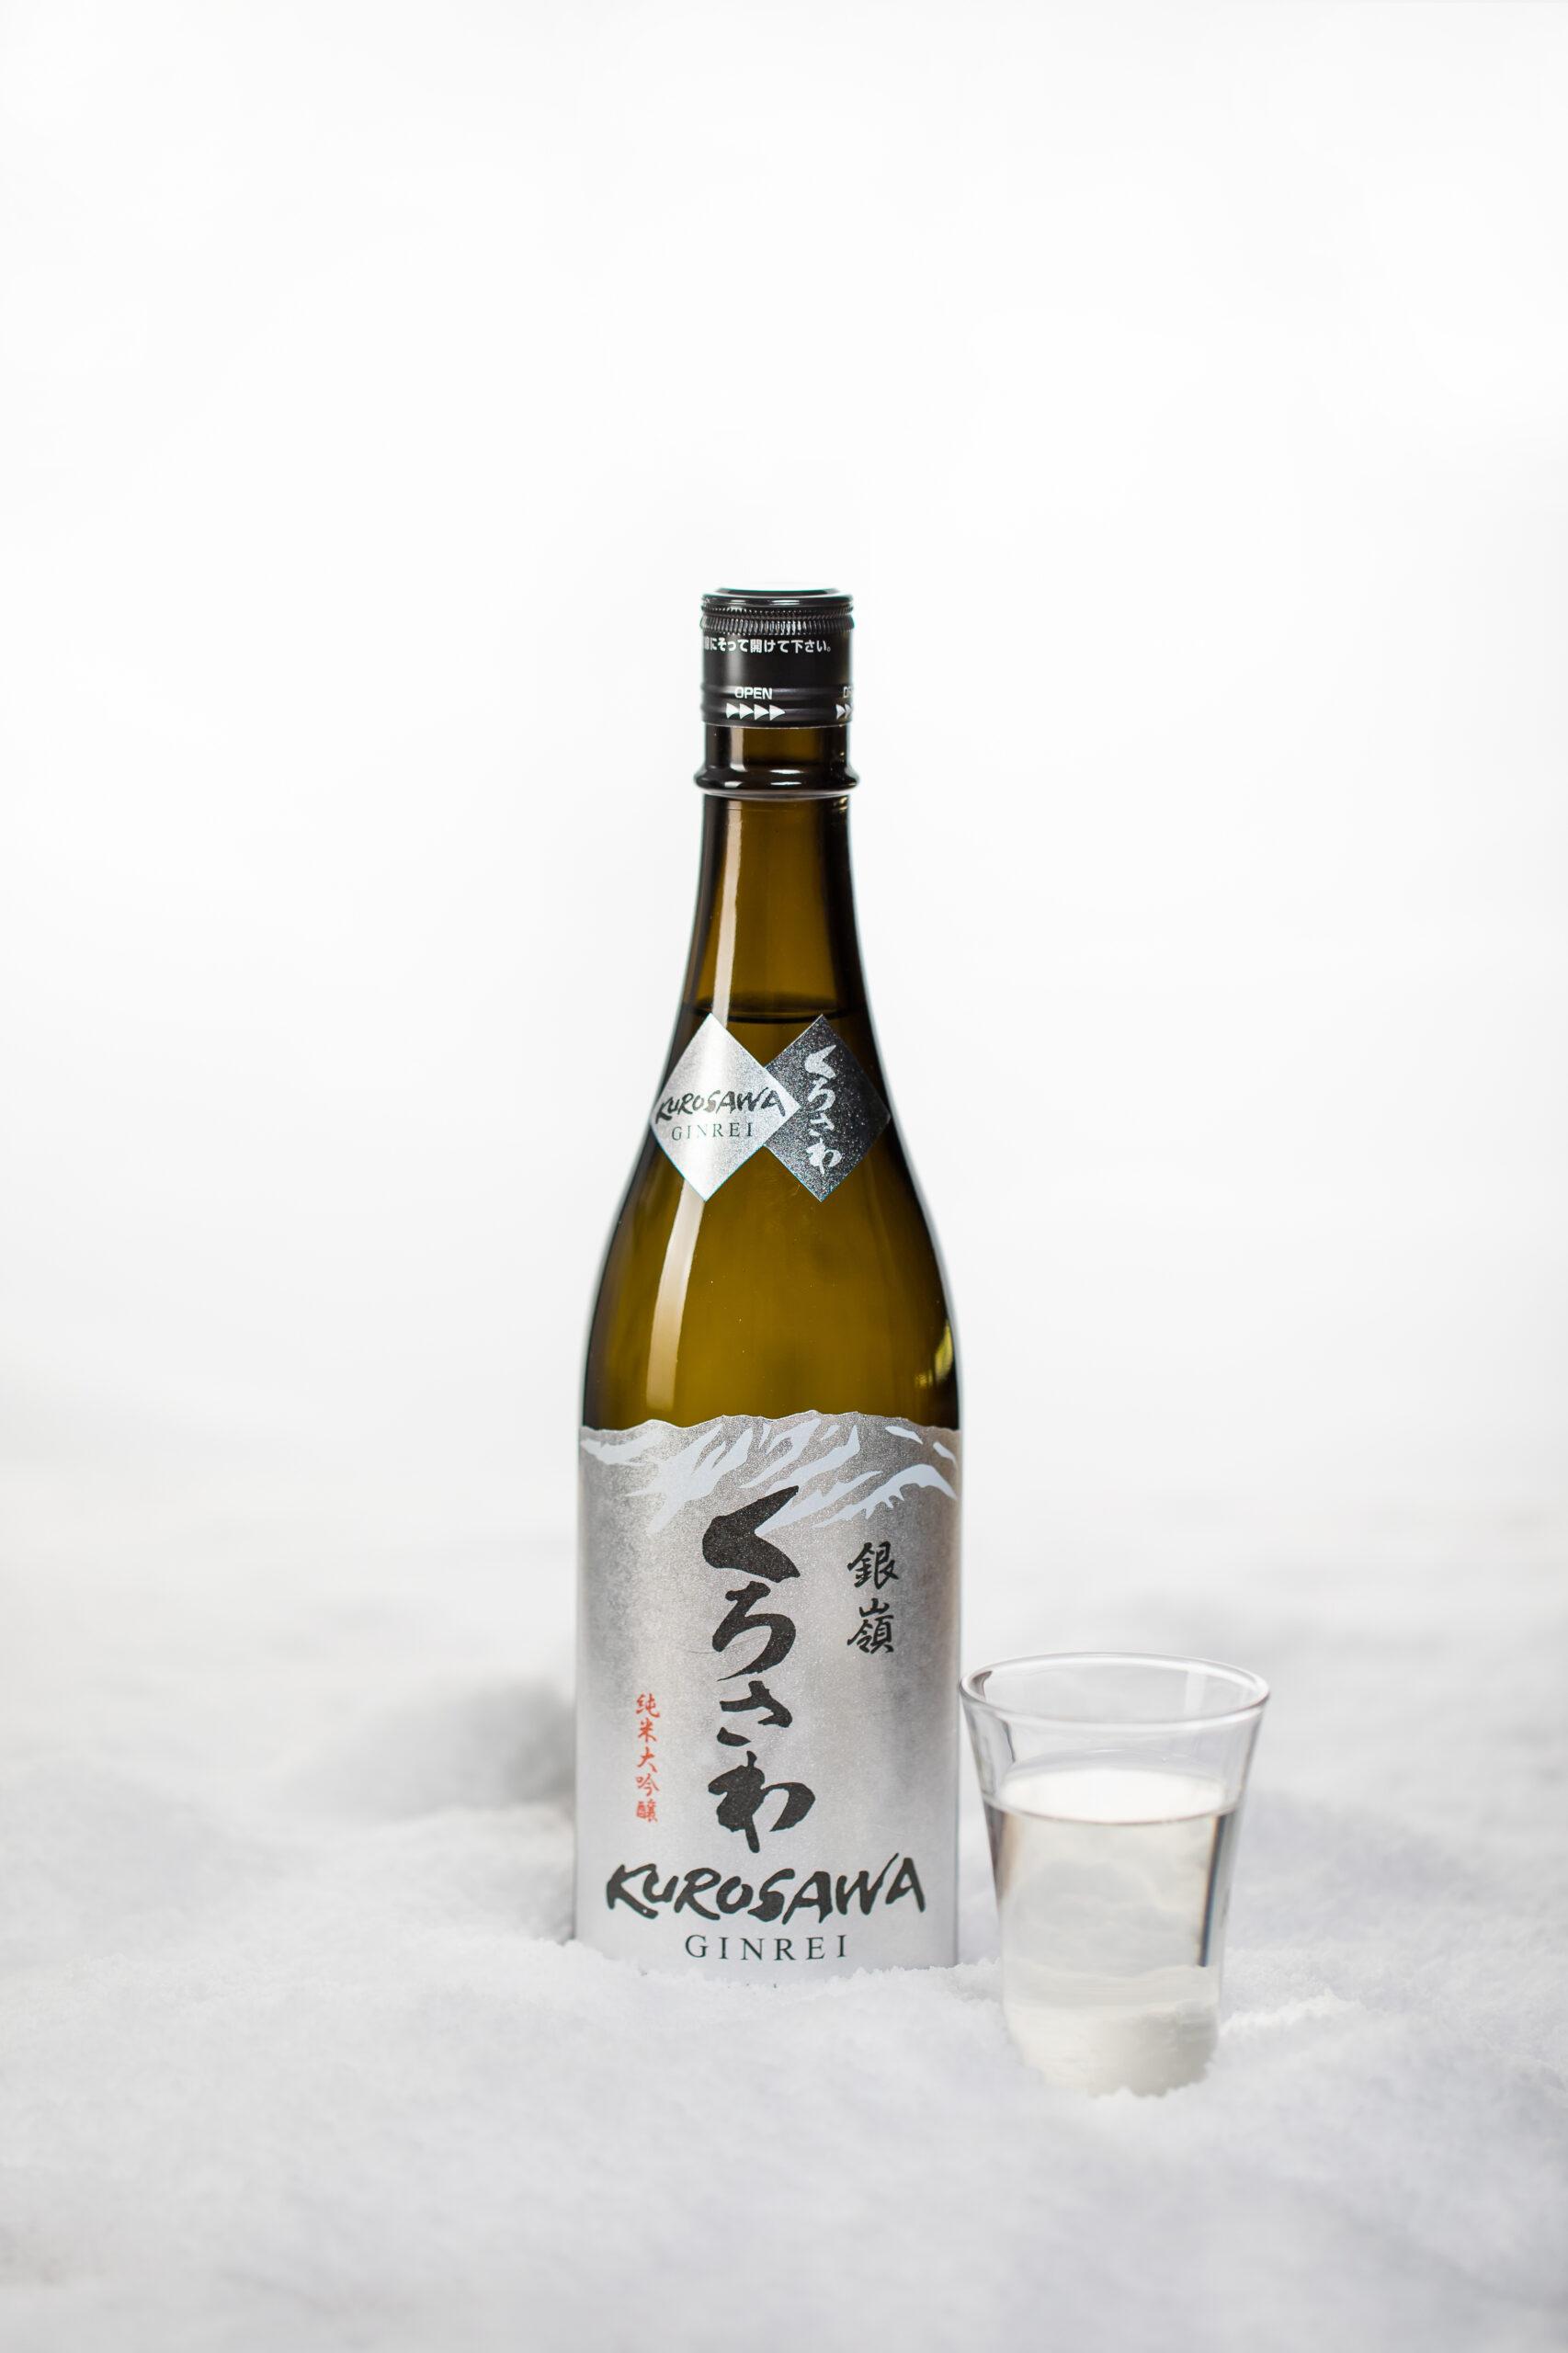 kurosawa ginrei bottle